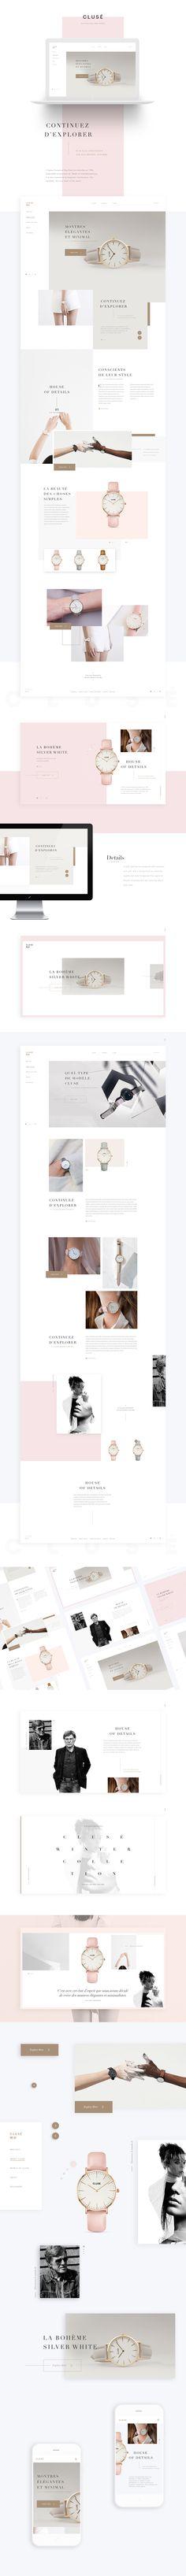 Cluse web design